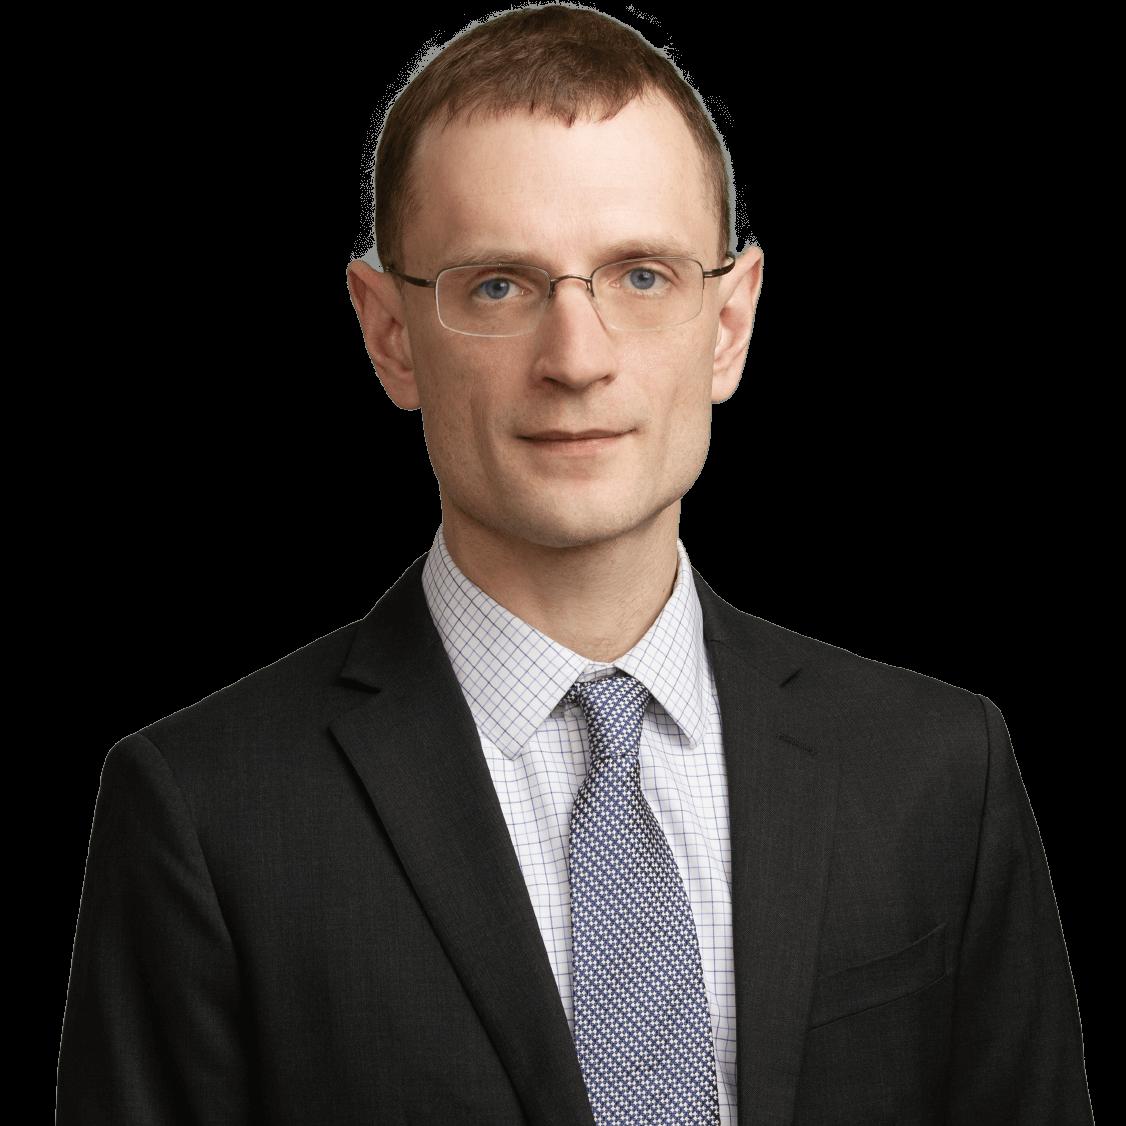 Matthew J. Hubenschmidt